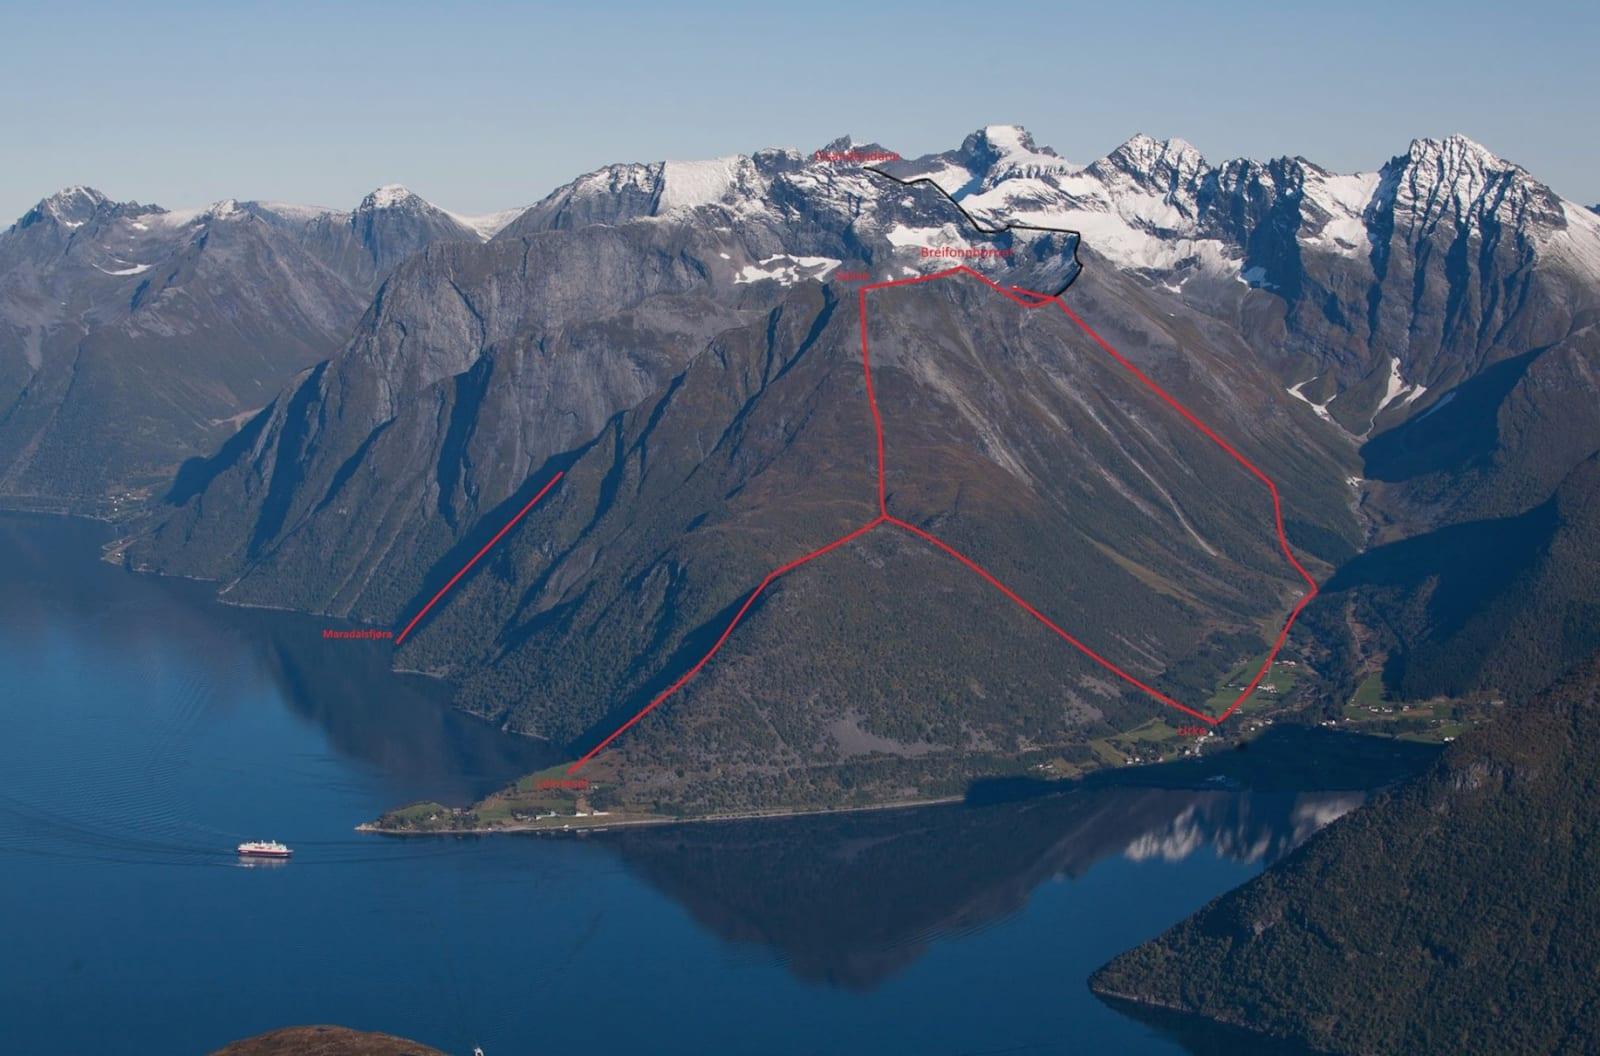 Inntegnet turer over Hjørundfjordegga. SVart rute er ikke merket på turen., heller ikke returen ned Nordkopen. Foto: Håvard Myklebust